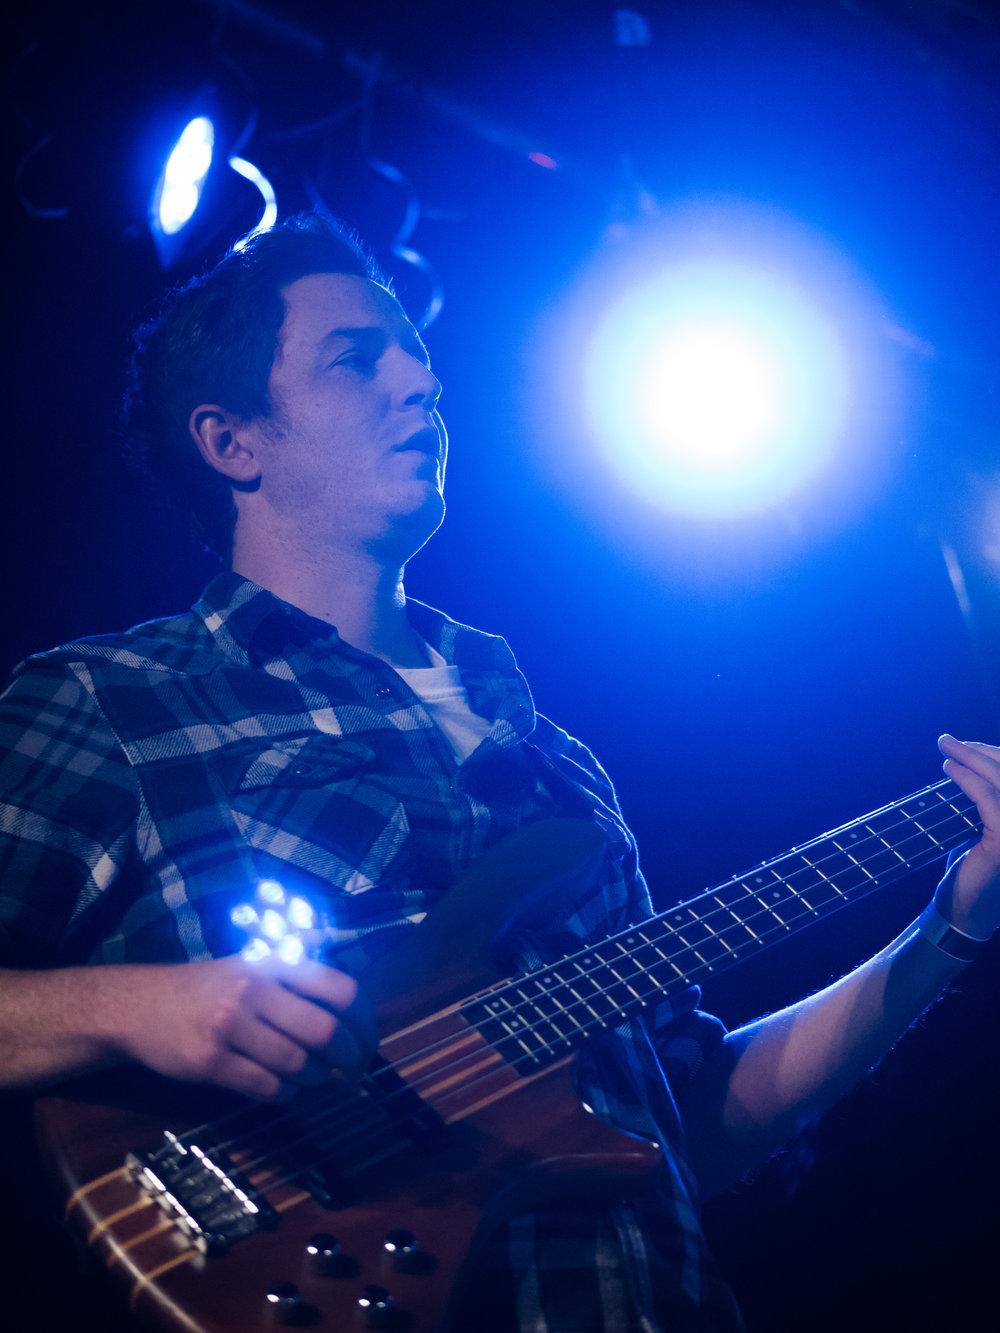 Tom - Bass